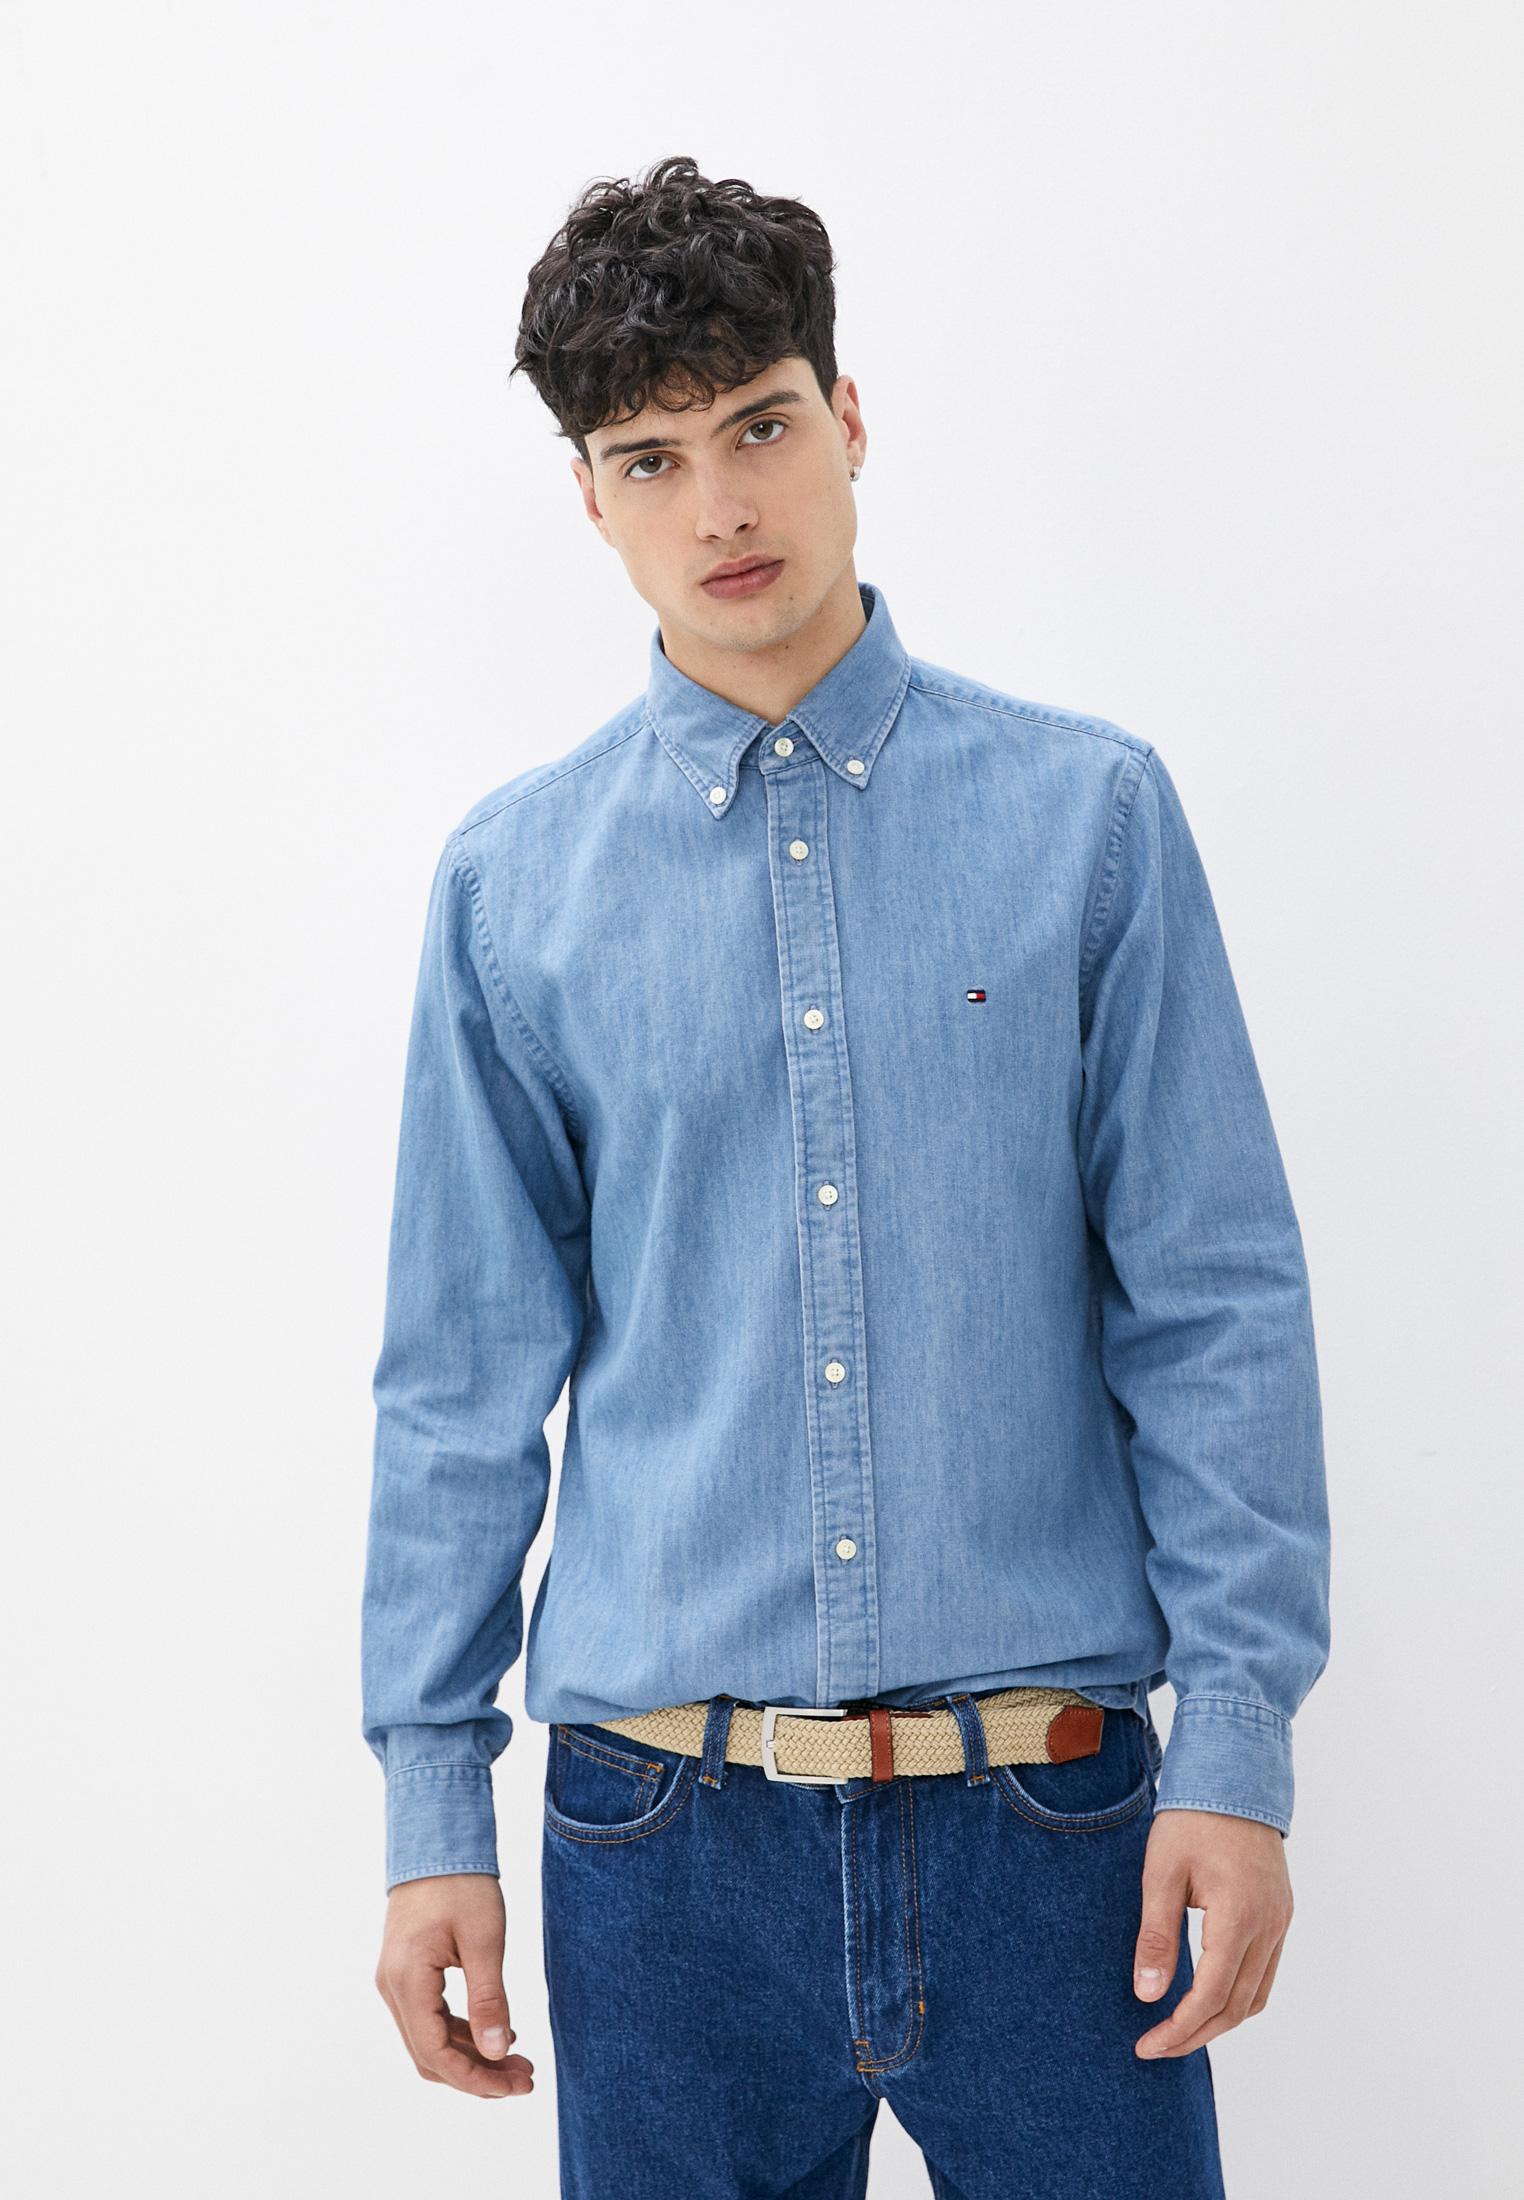 Рубашка Tommy Hilfiger (Томми Хилфигер) Рубашка джинсовая Tommy Hilfiger